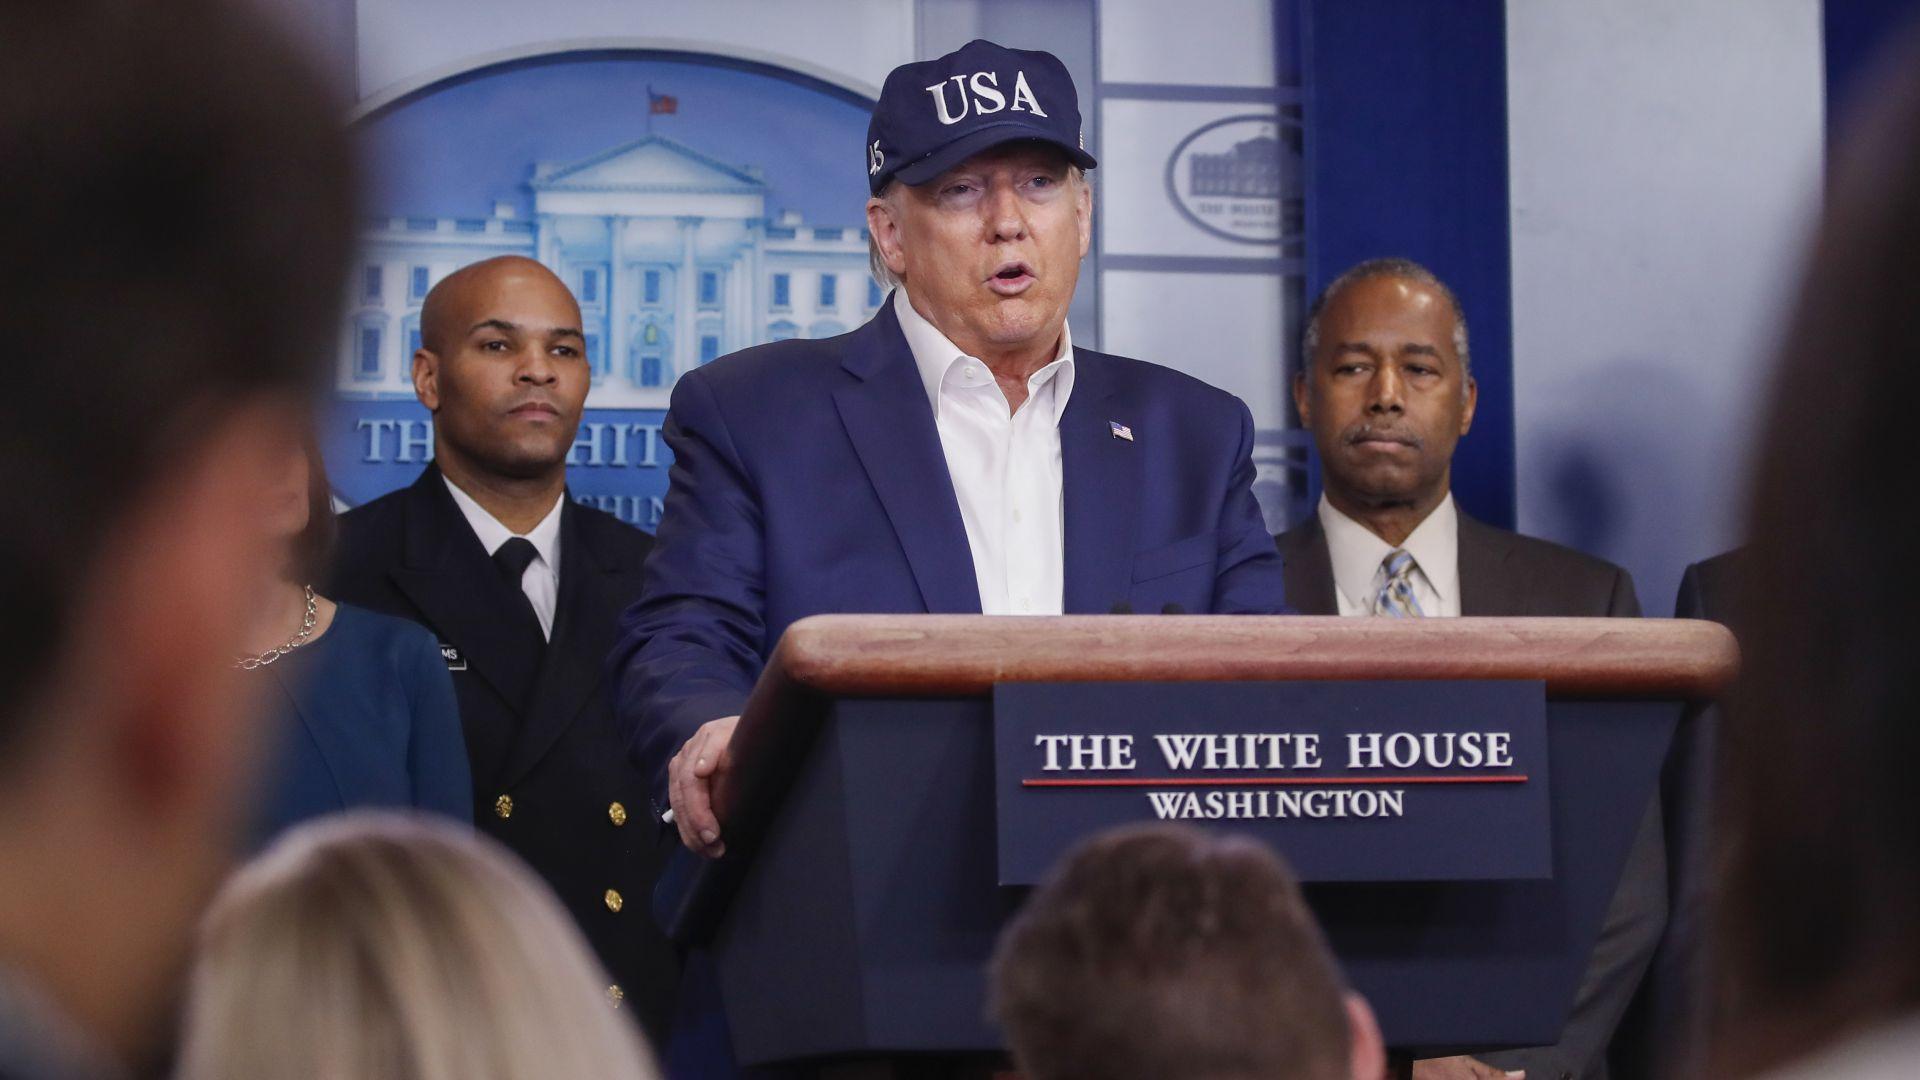 Тръмп се подложи на тест и обяви: И пътници от Великобритания и Ирландия няма да влизат в САЩ